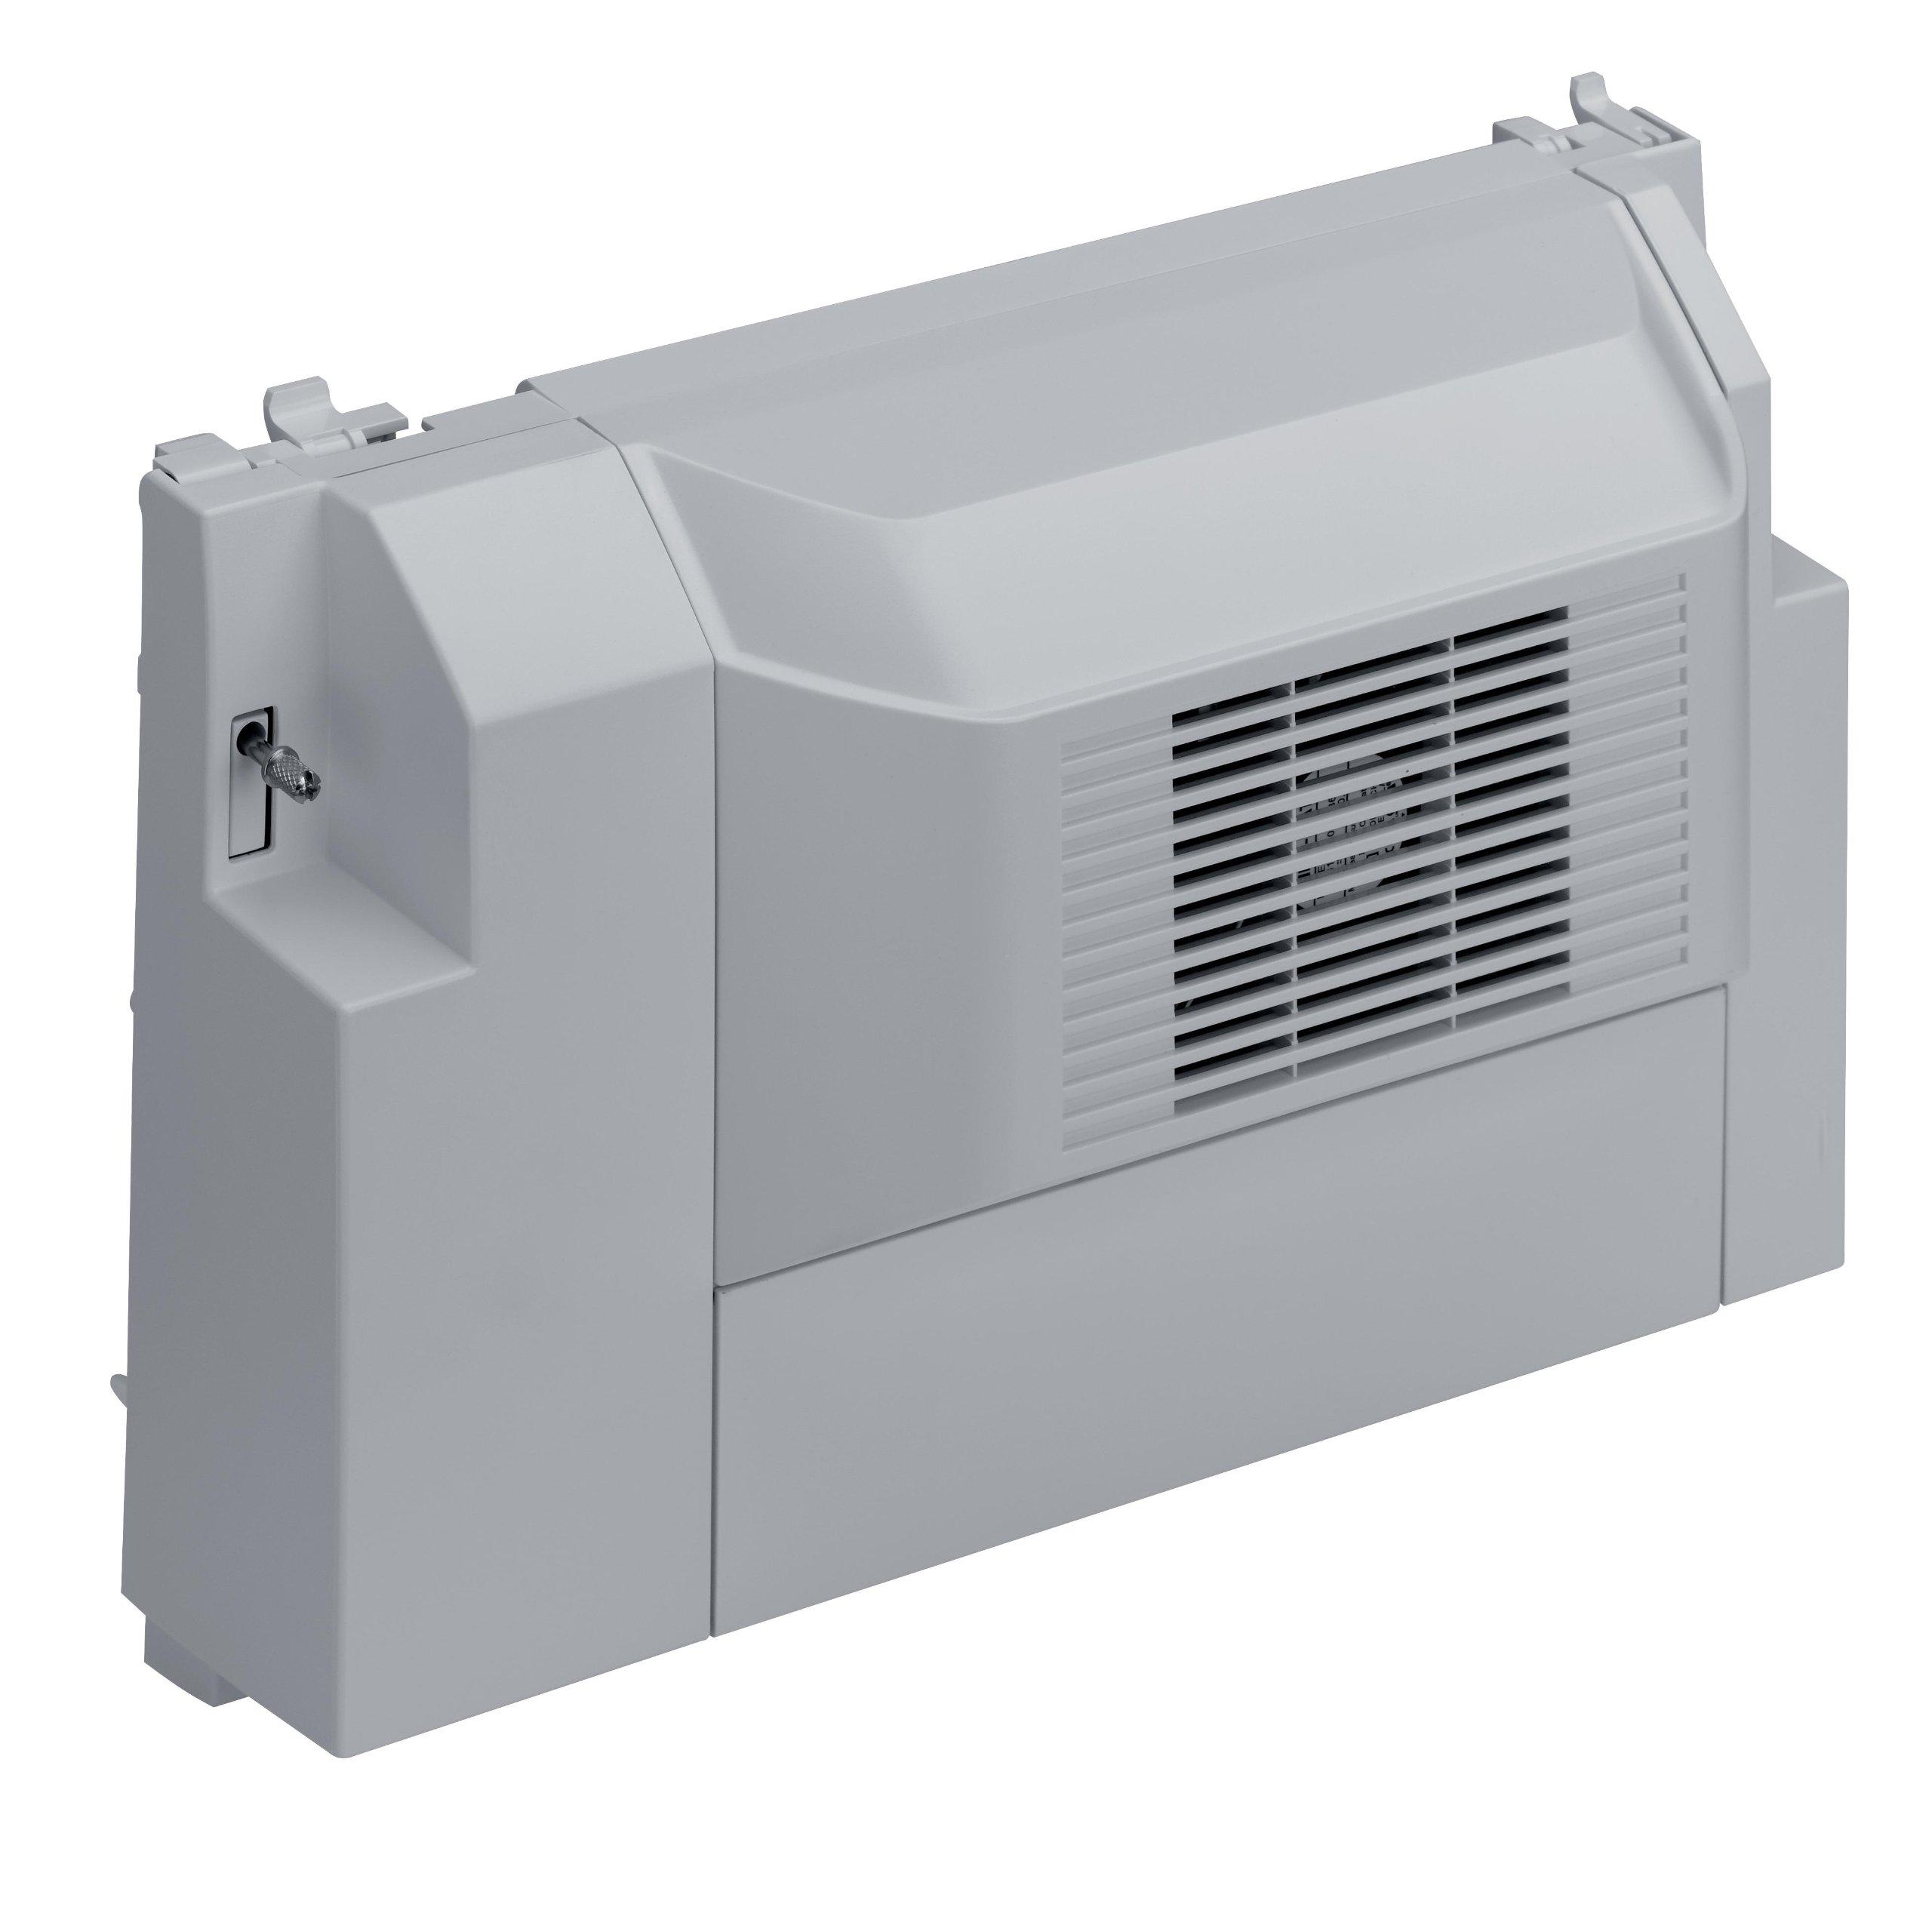 Duplex Unit for Pagepro 5650